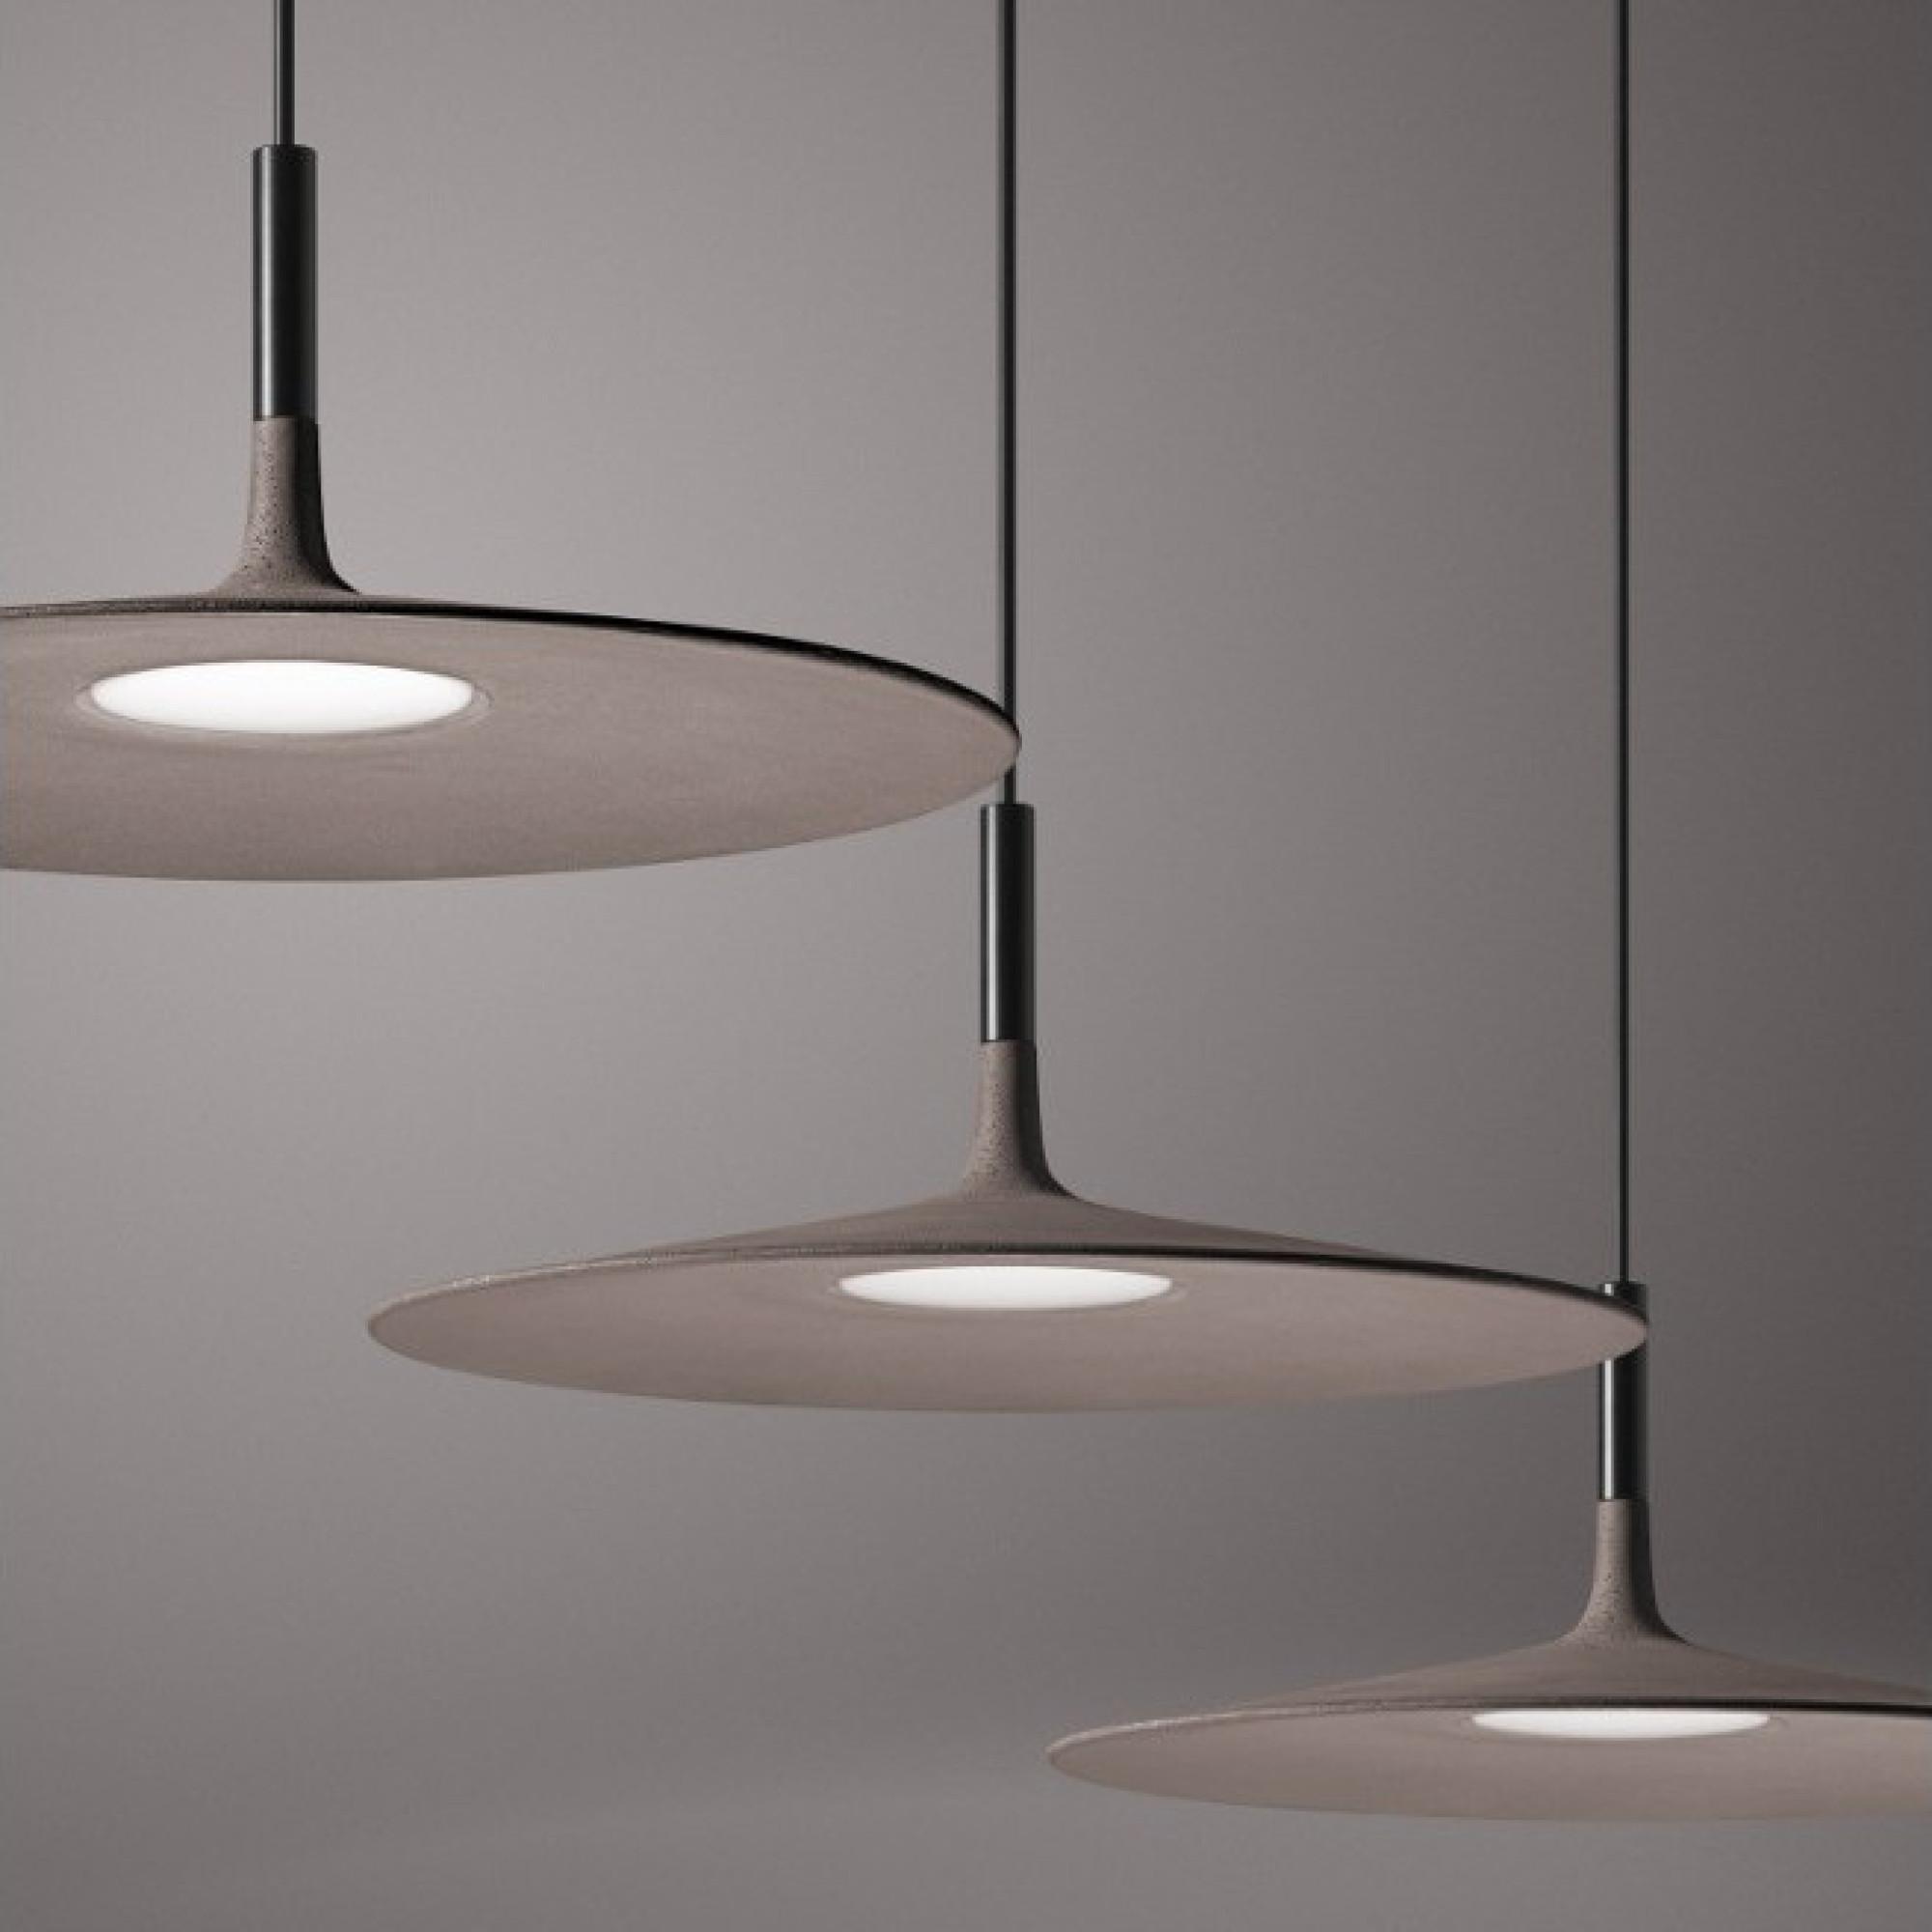 Lampade A Sospensione Per Ufficio Prezzi.Aplomb Large Sospensione Lampade Sospensione Lampade